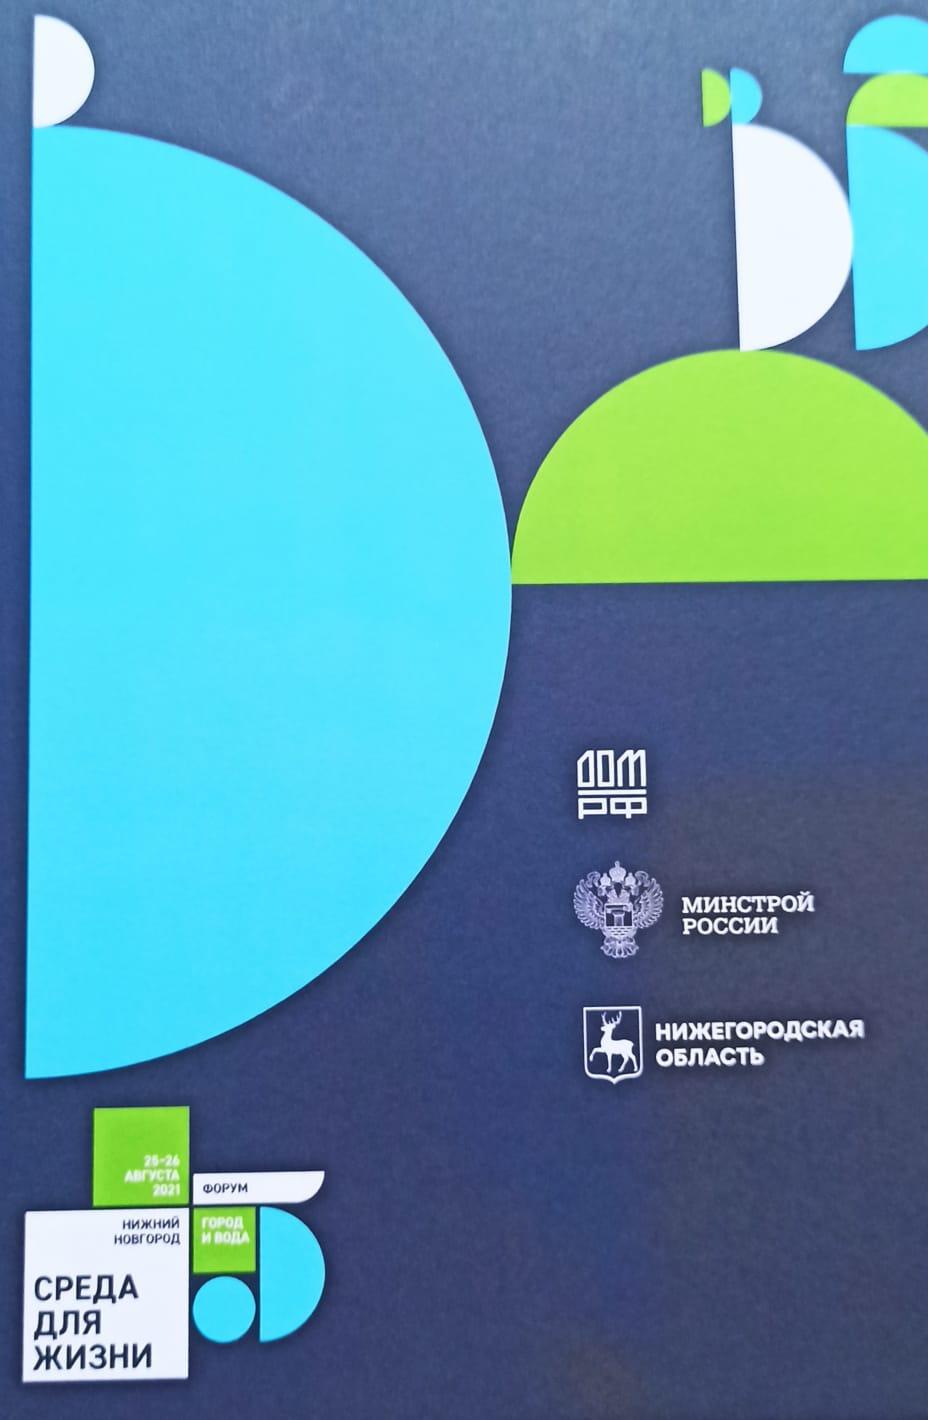 Туапсе – на Всероссийском форуме «Малые города и исторические поселения» в Нижнем Новгороде